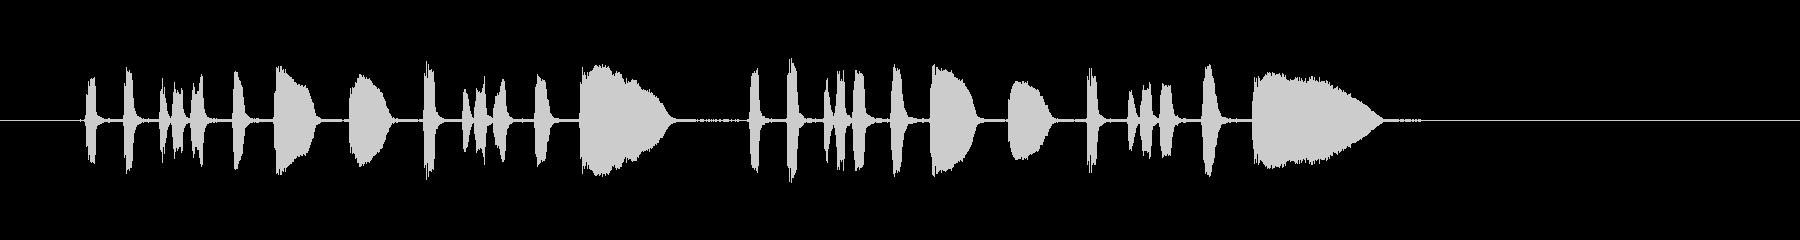 ビューグルクックハウス-軍事、ビュ...の未再生の波形